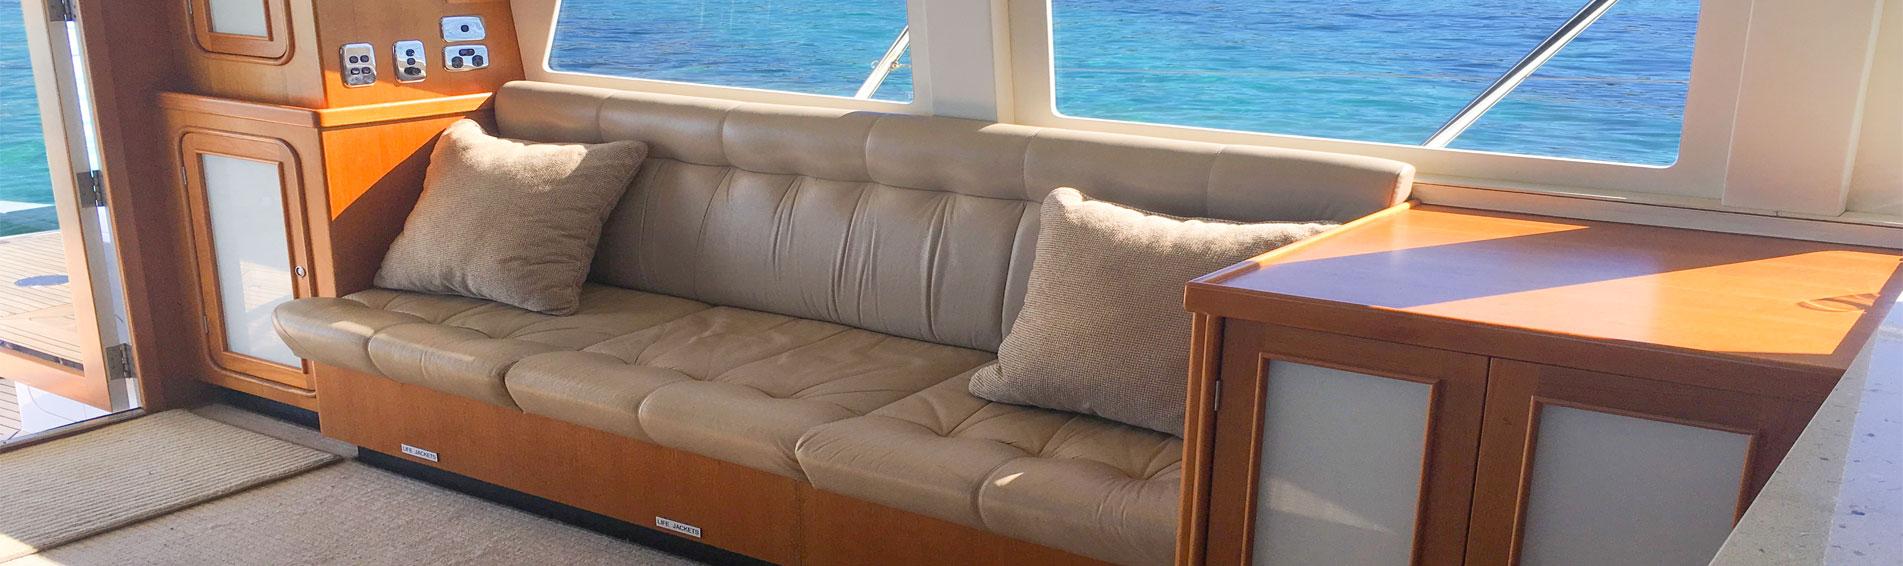 TENACIOUS-interior-cabin-luxury-boat-charters-perth-wa